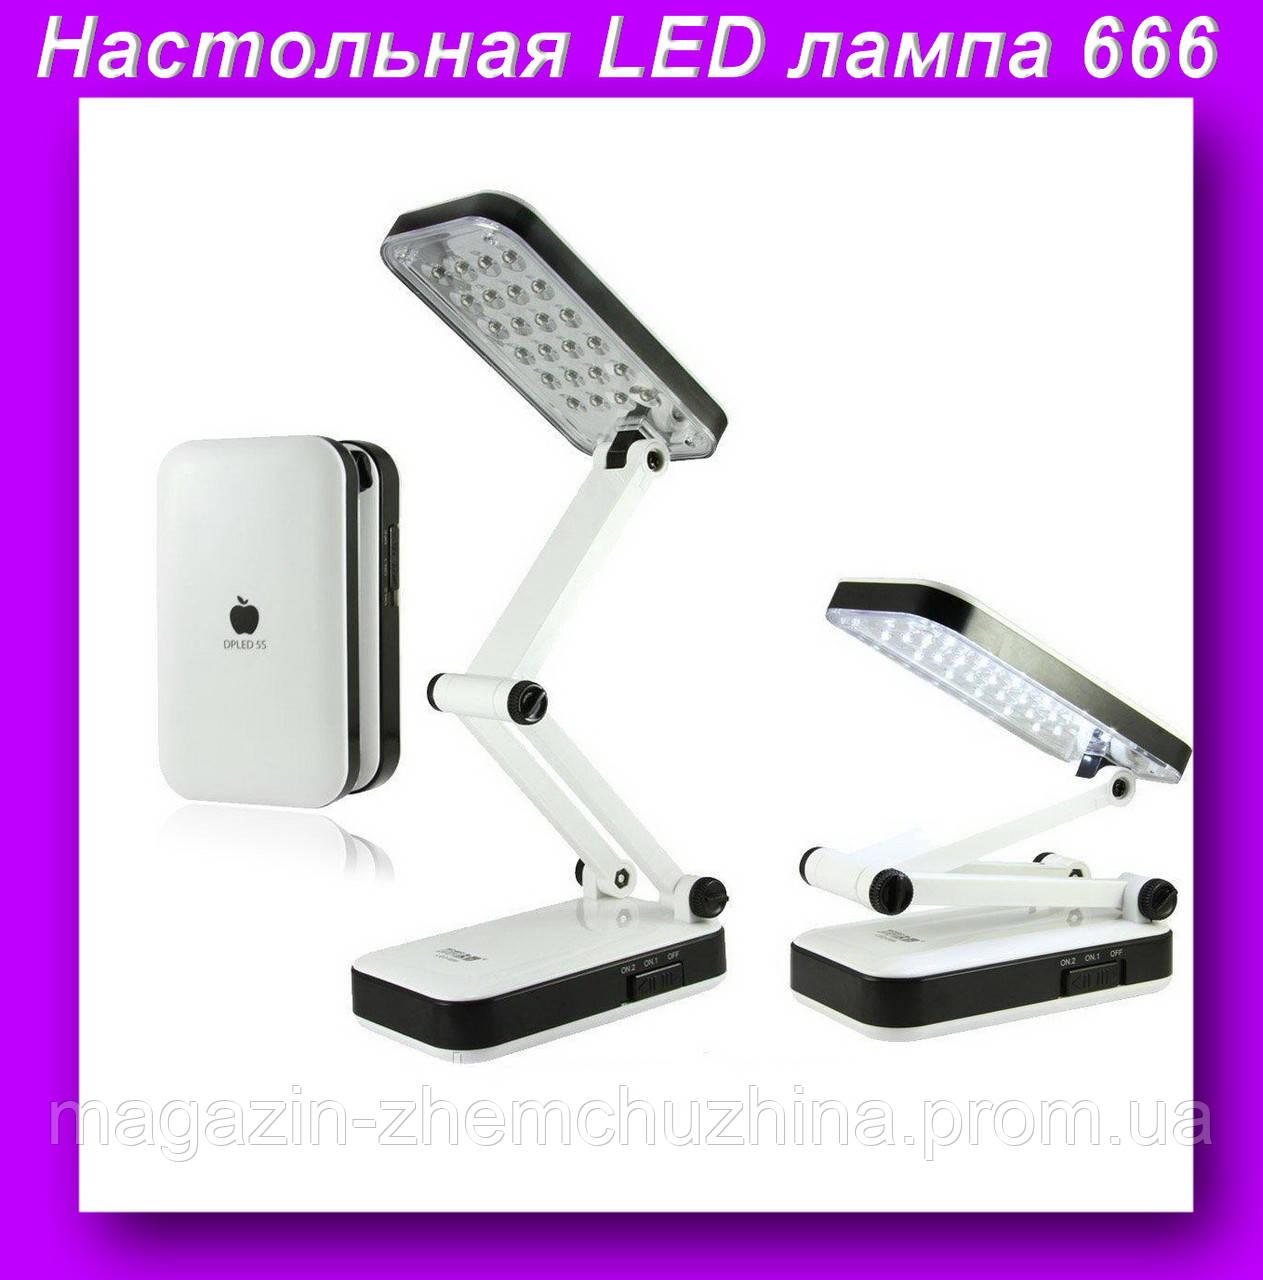 """Лампа LED TABLE LAMP DP LED-666 800 mAh,Лампа LED,Аккумуляторная светодиодная лампа  - Магазин """"Жемчужина"""" в Черноморске"""